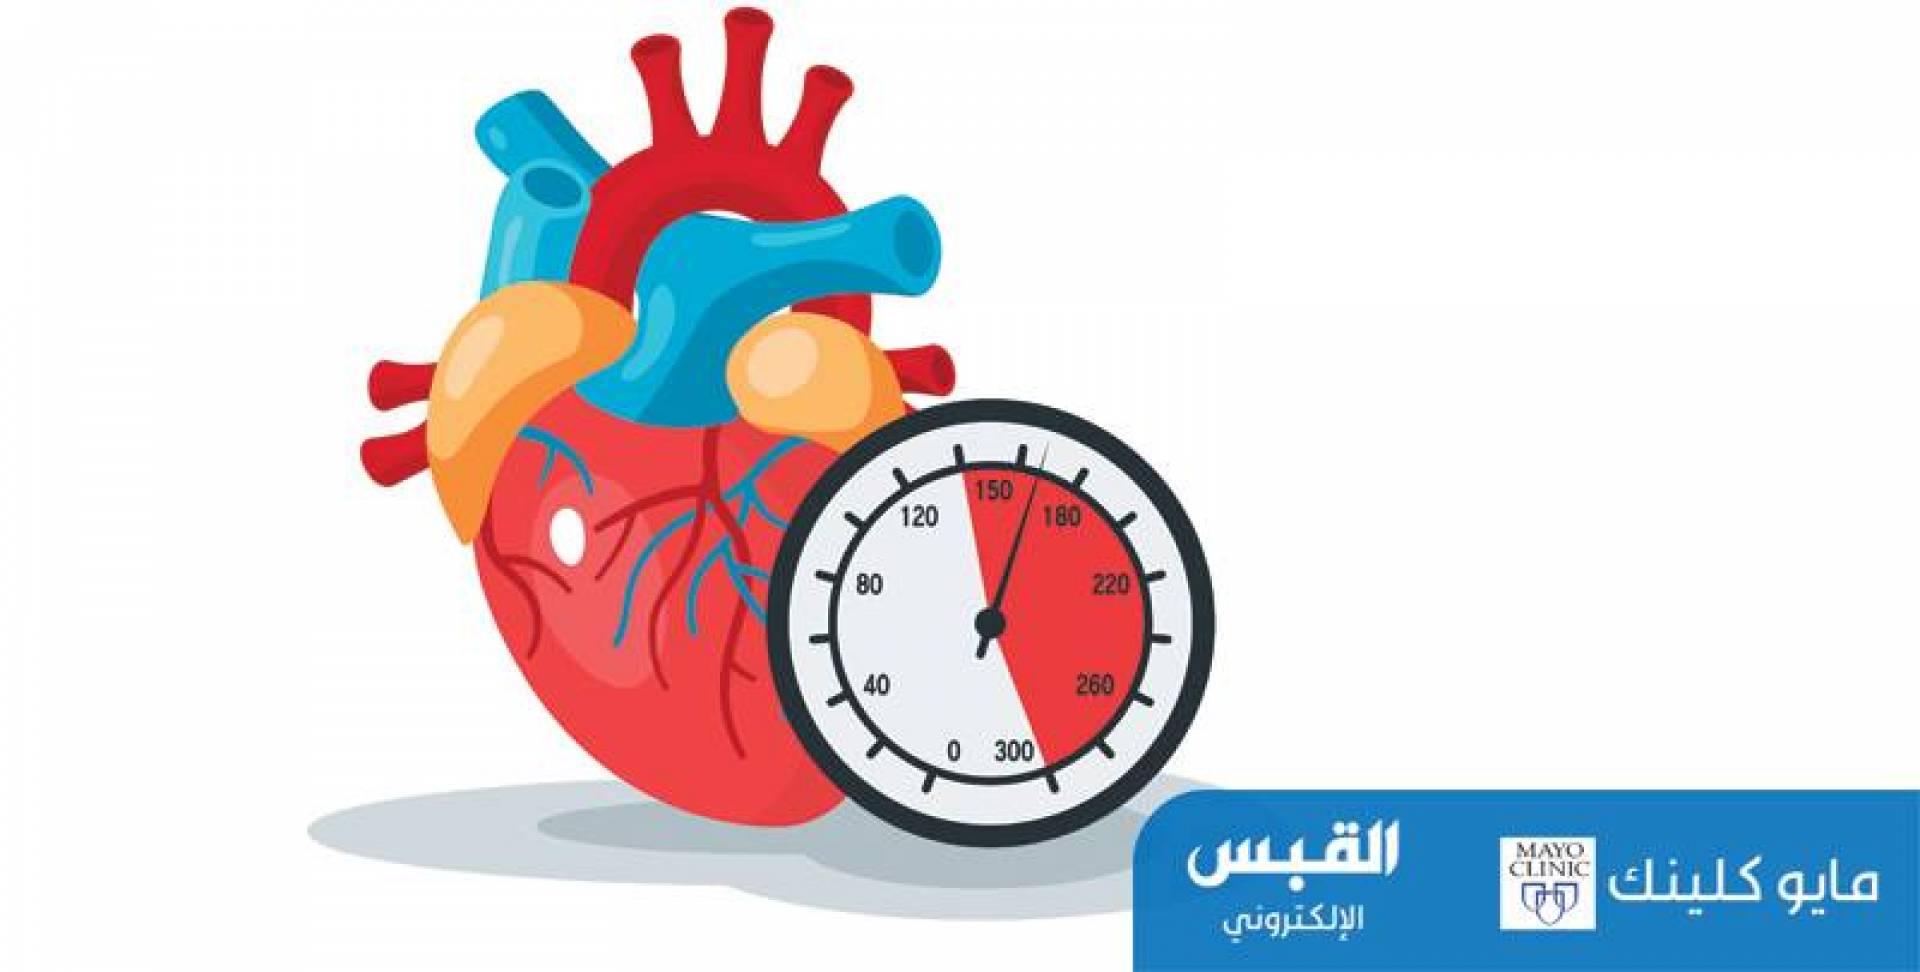 هل يمكن أن يسبب القلق ارتفاع ضغط الدم؟